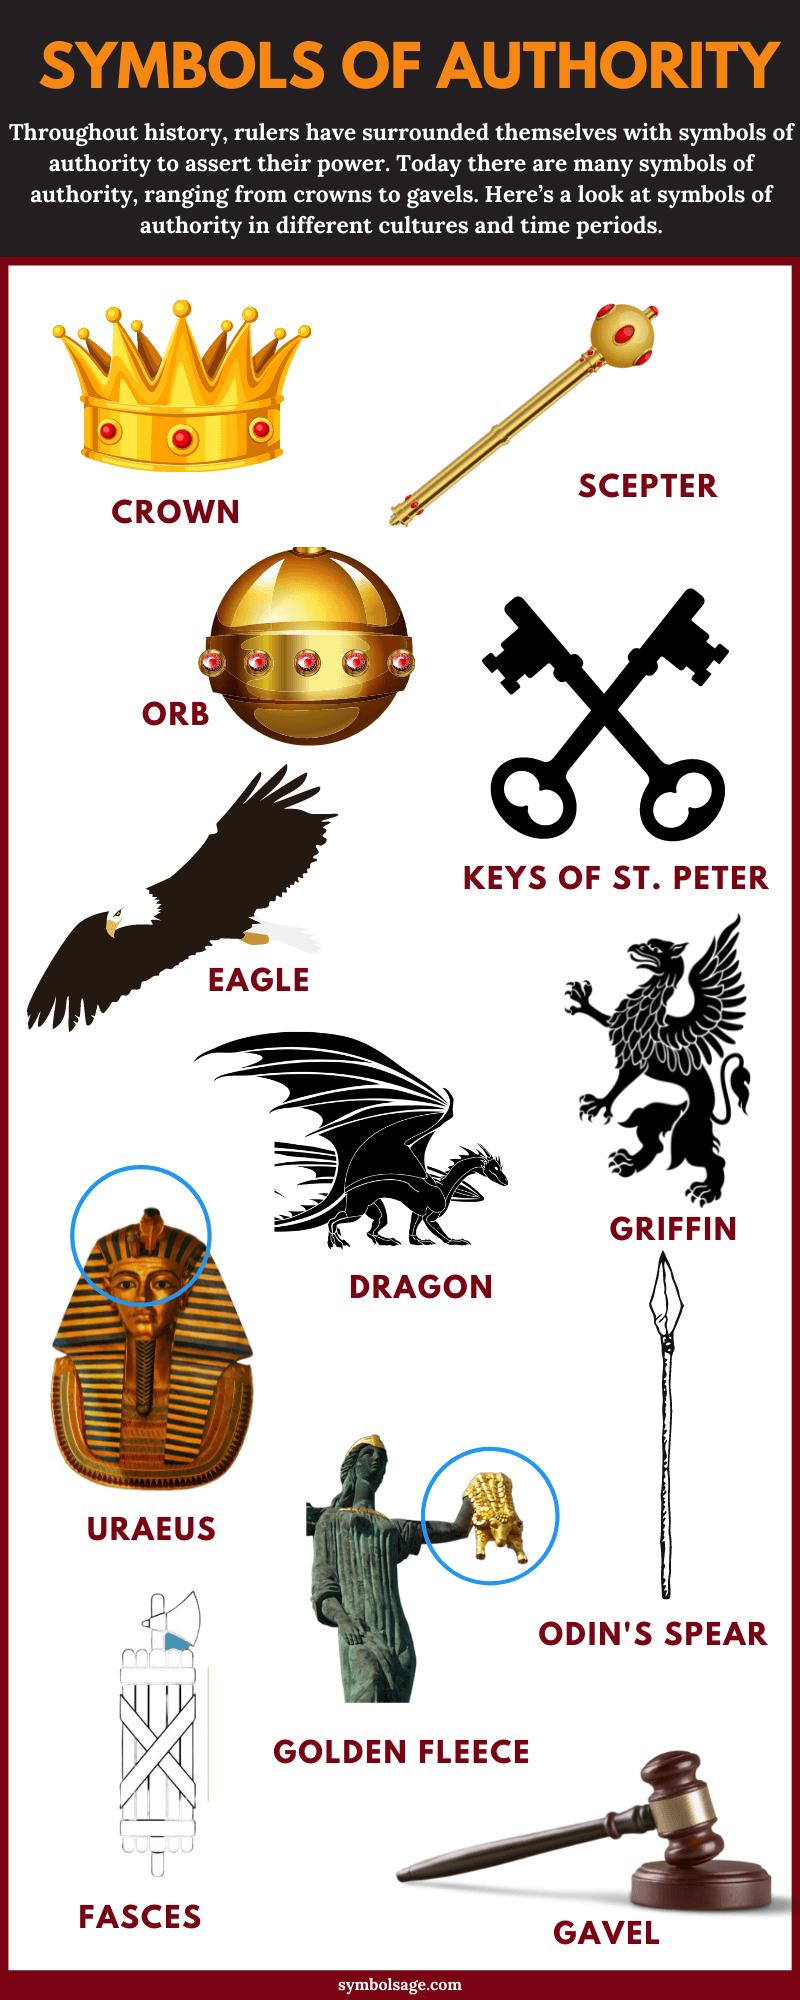 Symbols of authority